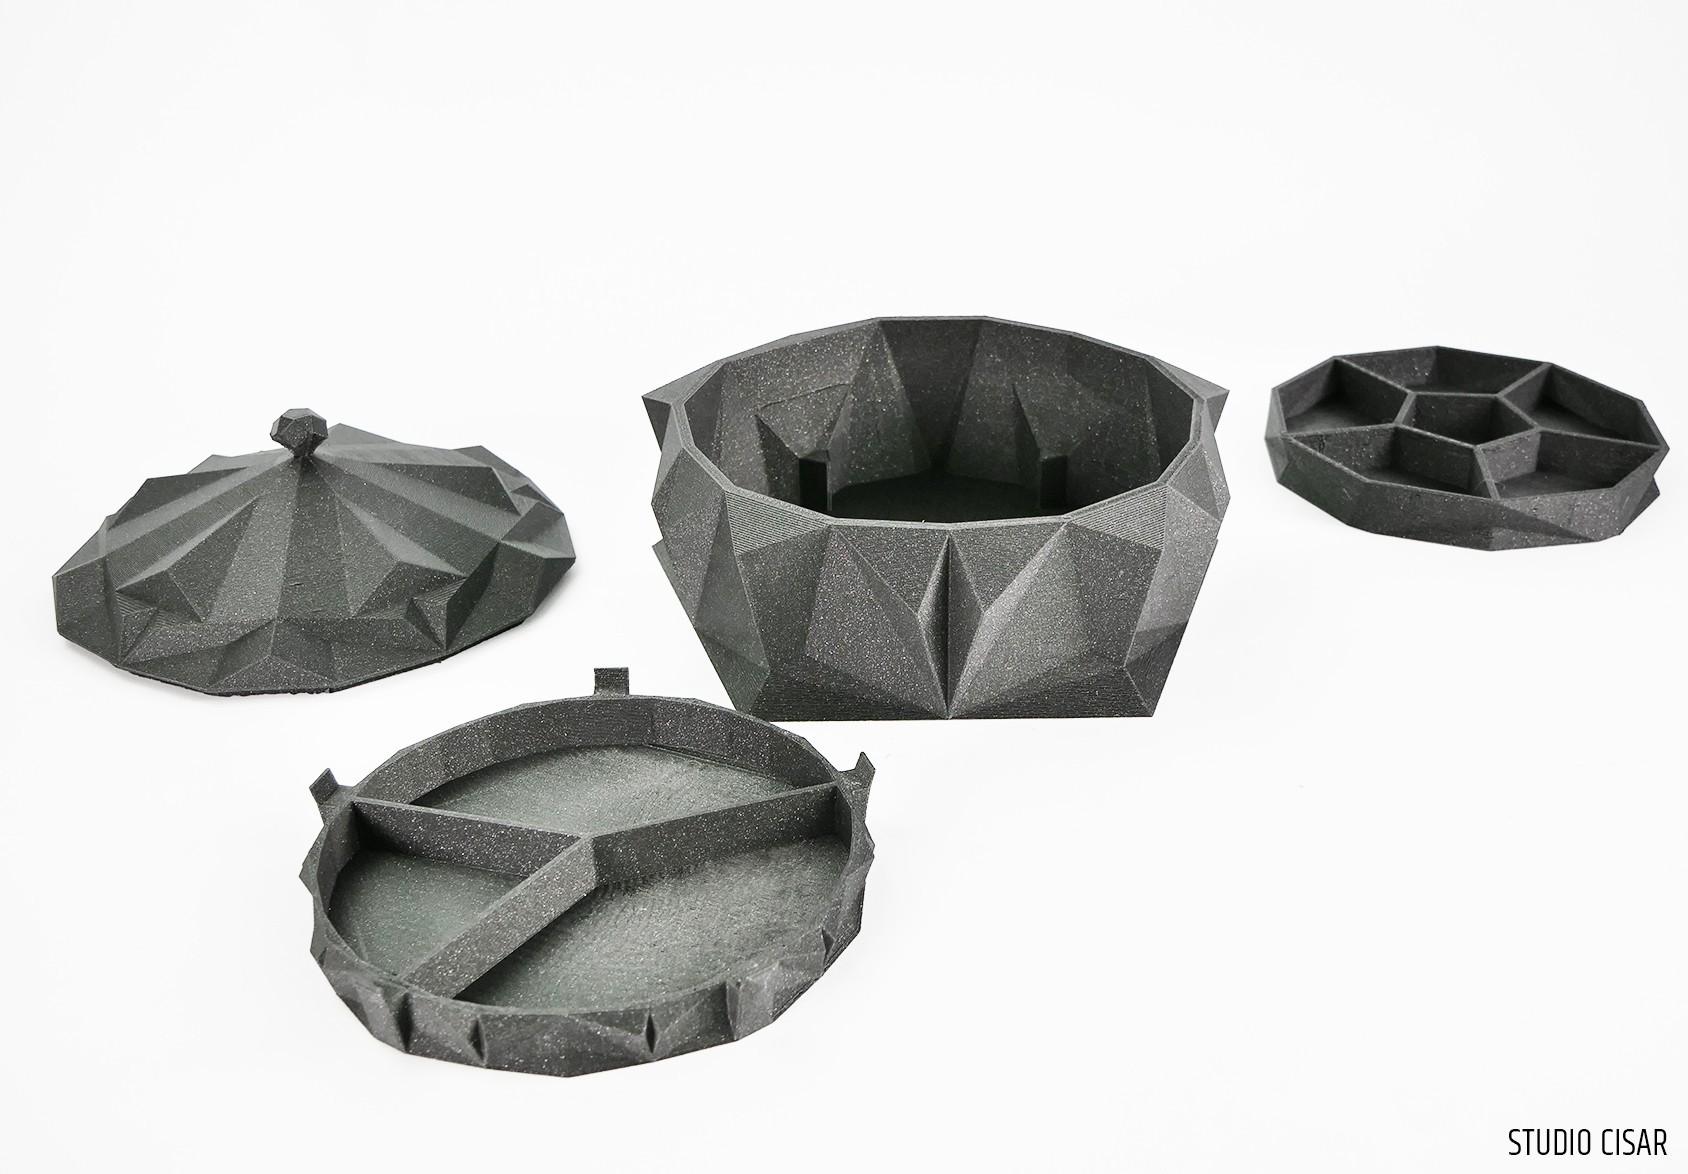 006_Jewelery box A_06.jpg Download STL file CUBISM JEWELLERY BOX • Object to 3D print, cisardom